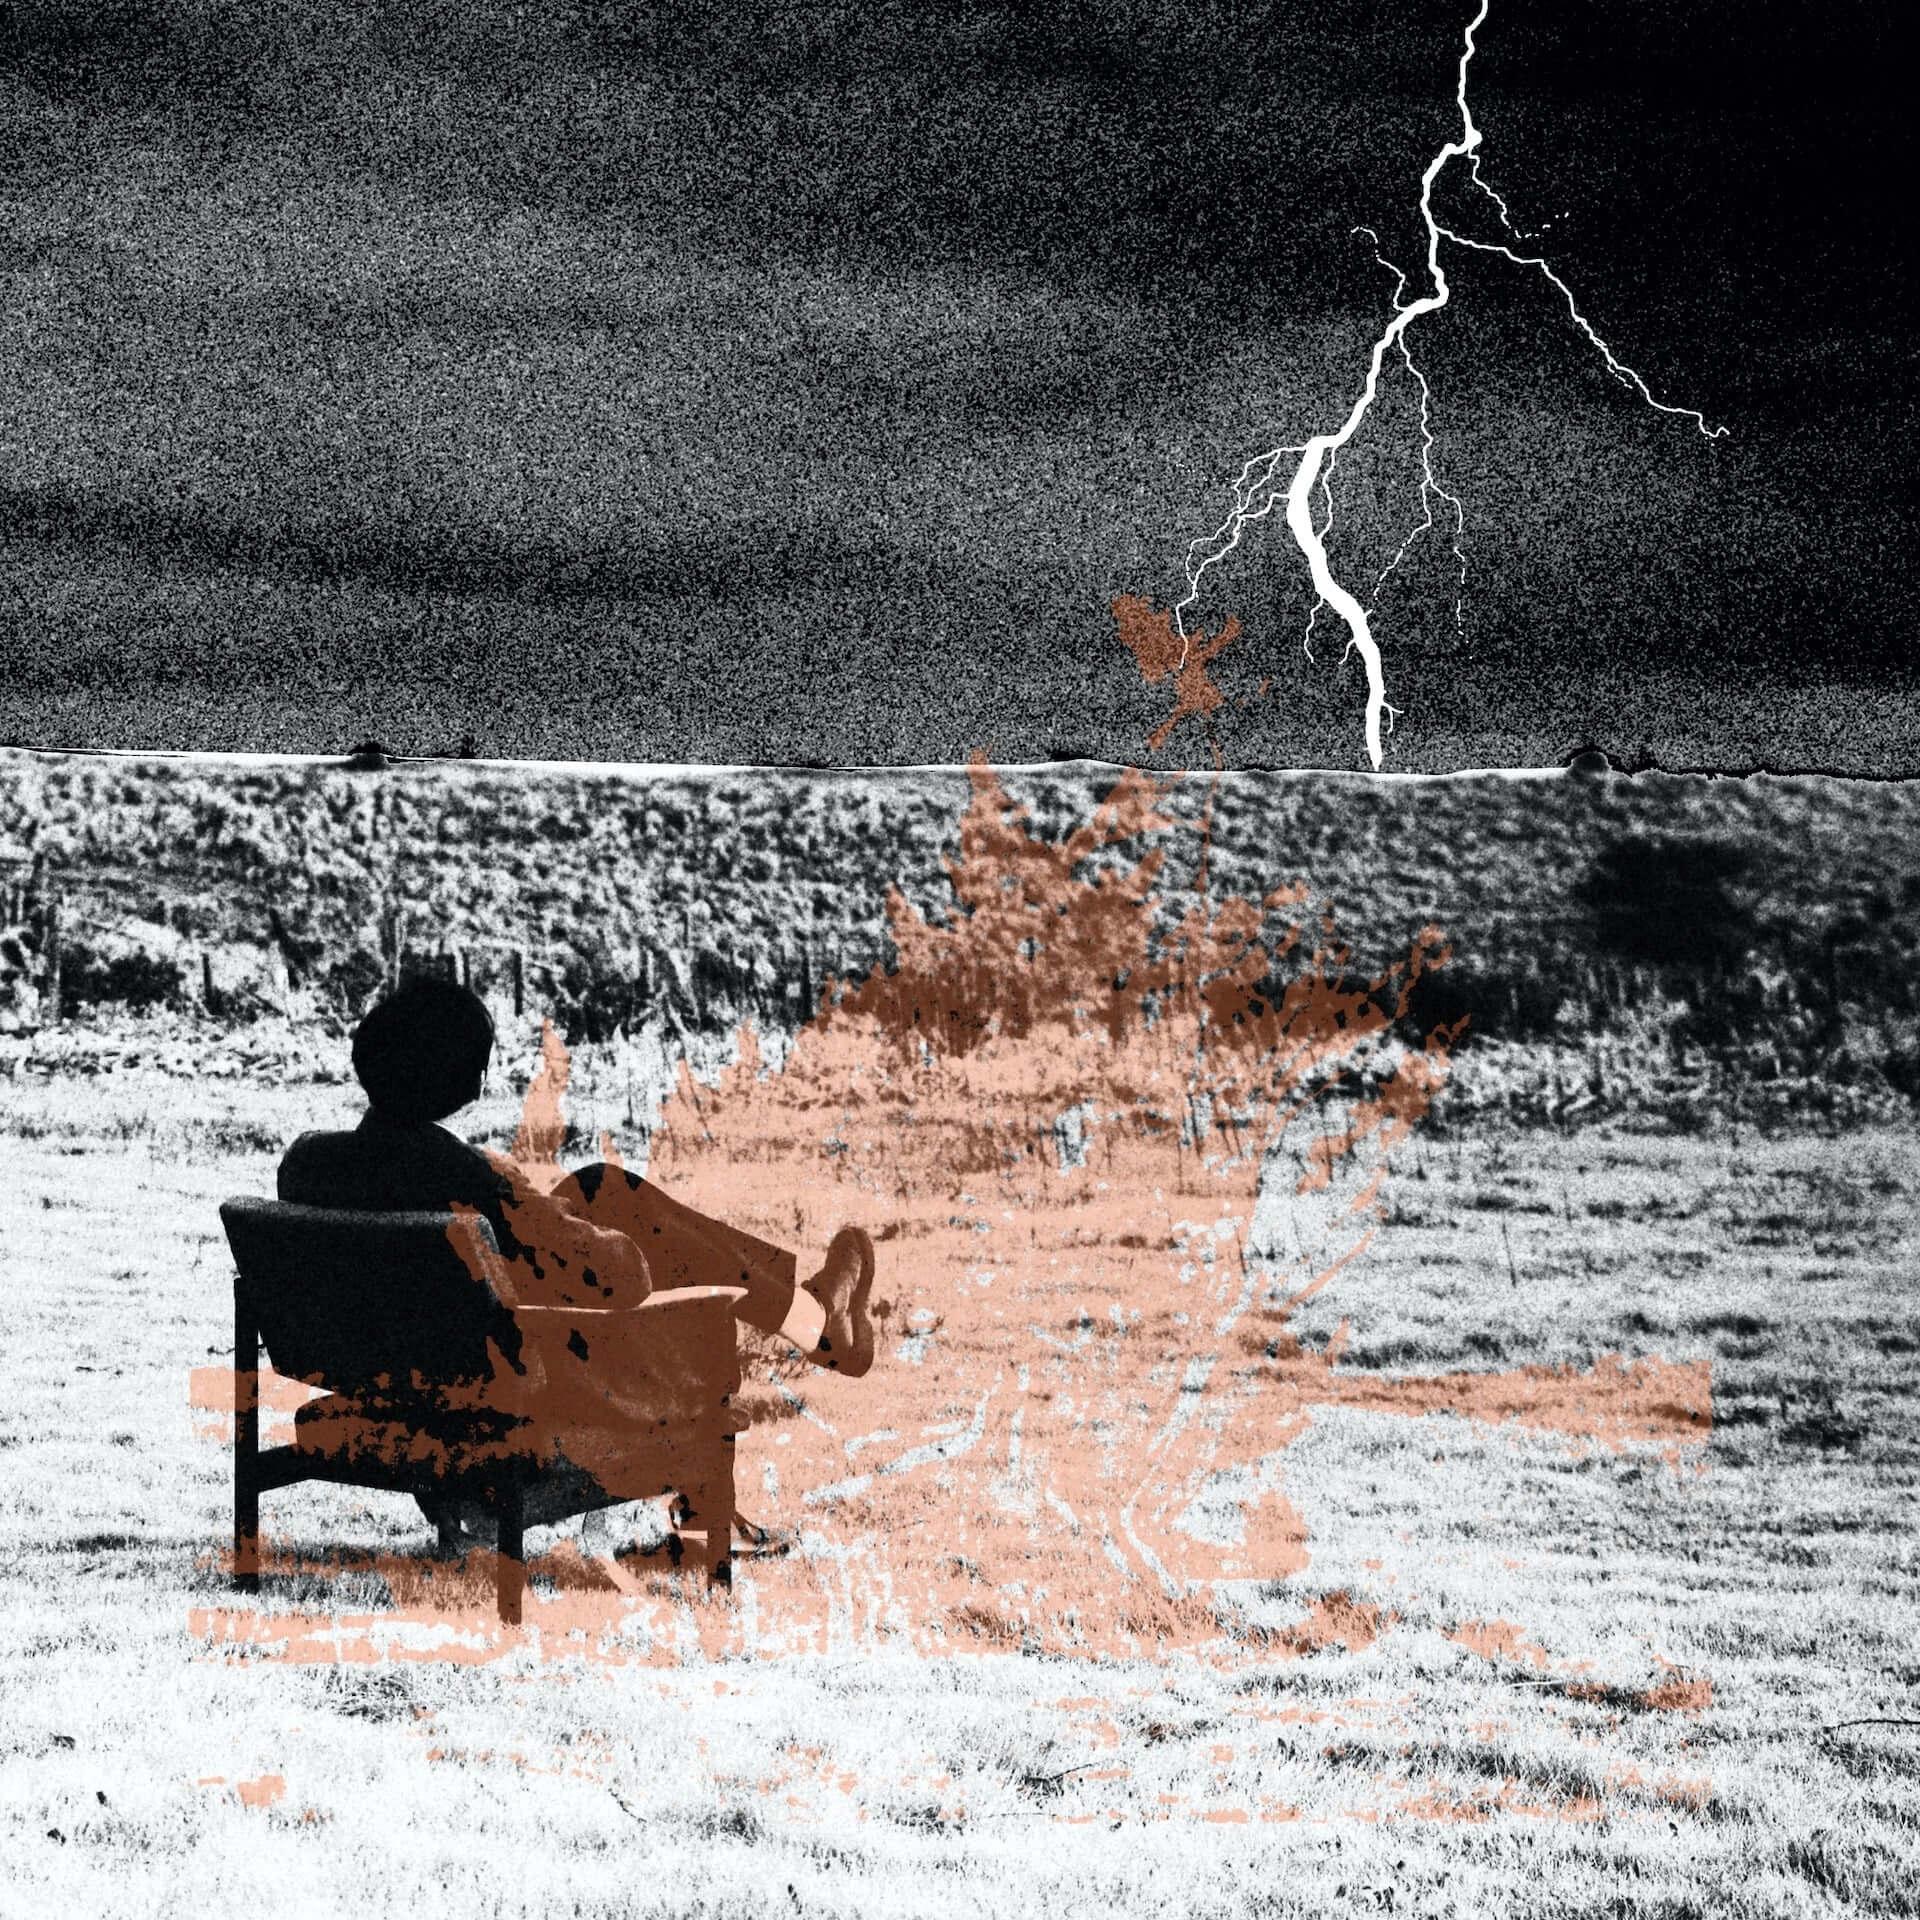 cero髙城晶平ソロプロジェクトShohei Takagi Parallela Botanicaの「ミッドナイト・ランデヴー」が7インチ化決定!細野晴臣のカバーも収録 music200401_shohei_takagi_3-1920x1920